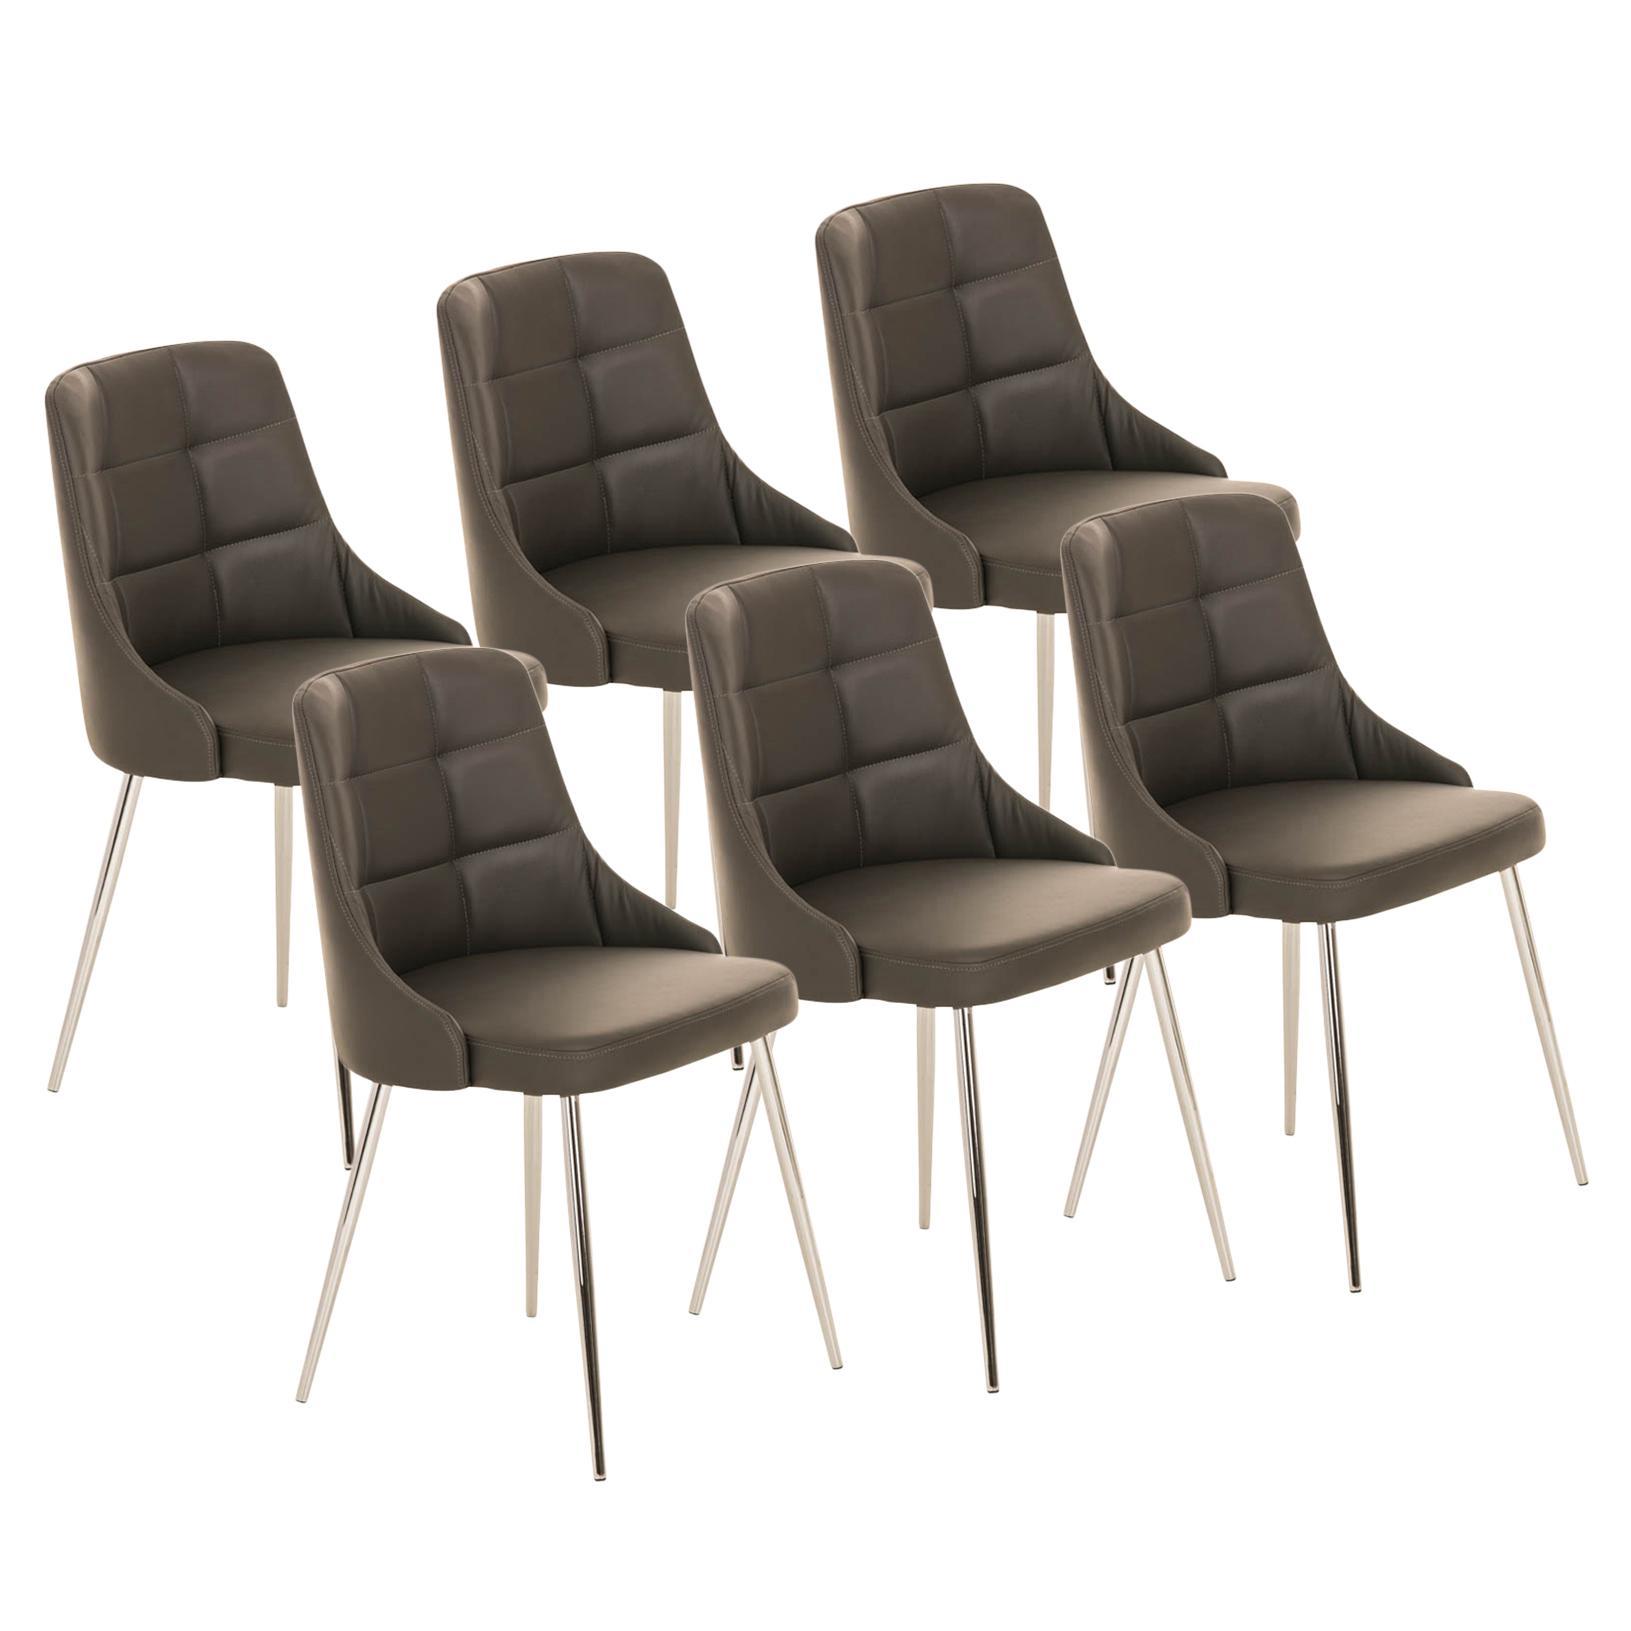 Lote 6 sillas de comedor o cocina harrison en piel gris for Sillas comedor patas metalicas